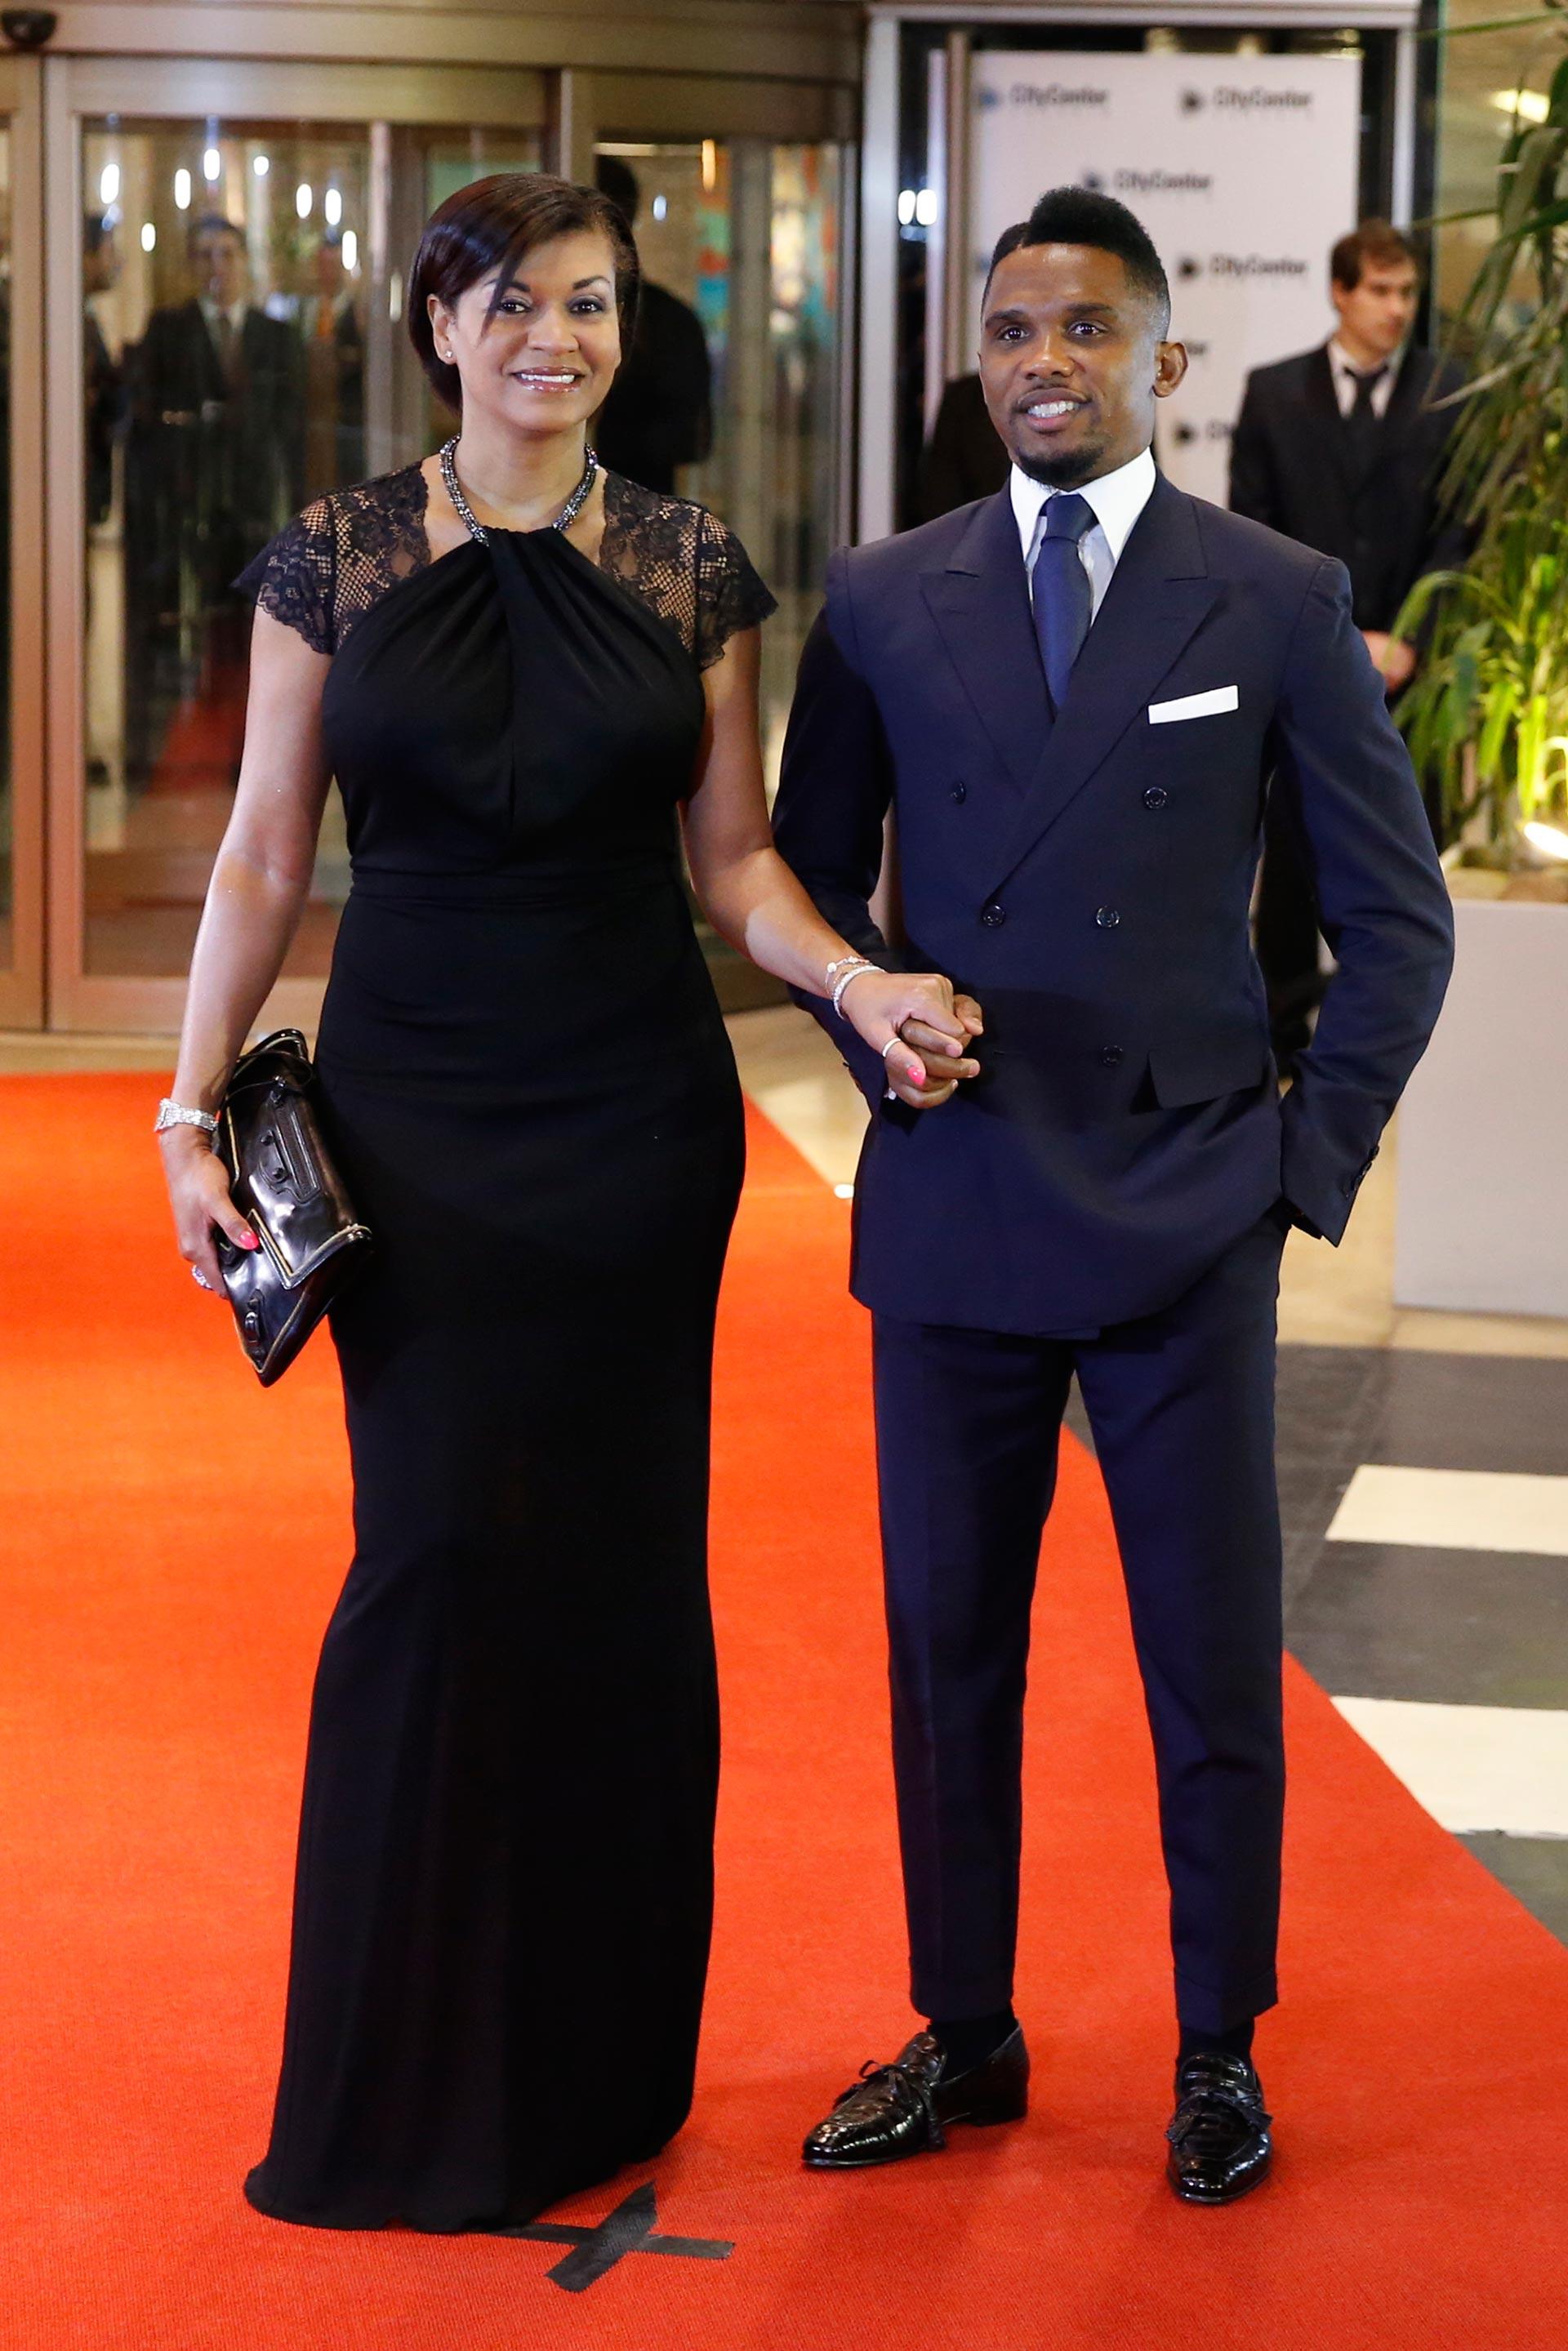 Samuel Eto'o, quien fue compañero de Messi en Barcelona, se inclinó por un traje en tono azul.Junto a su esposa, Georgette Eto'o que optó por un total black